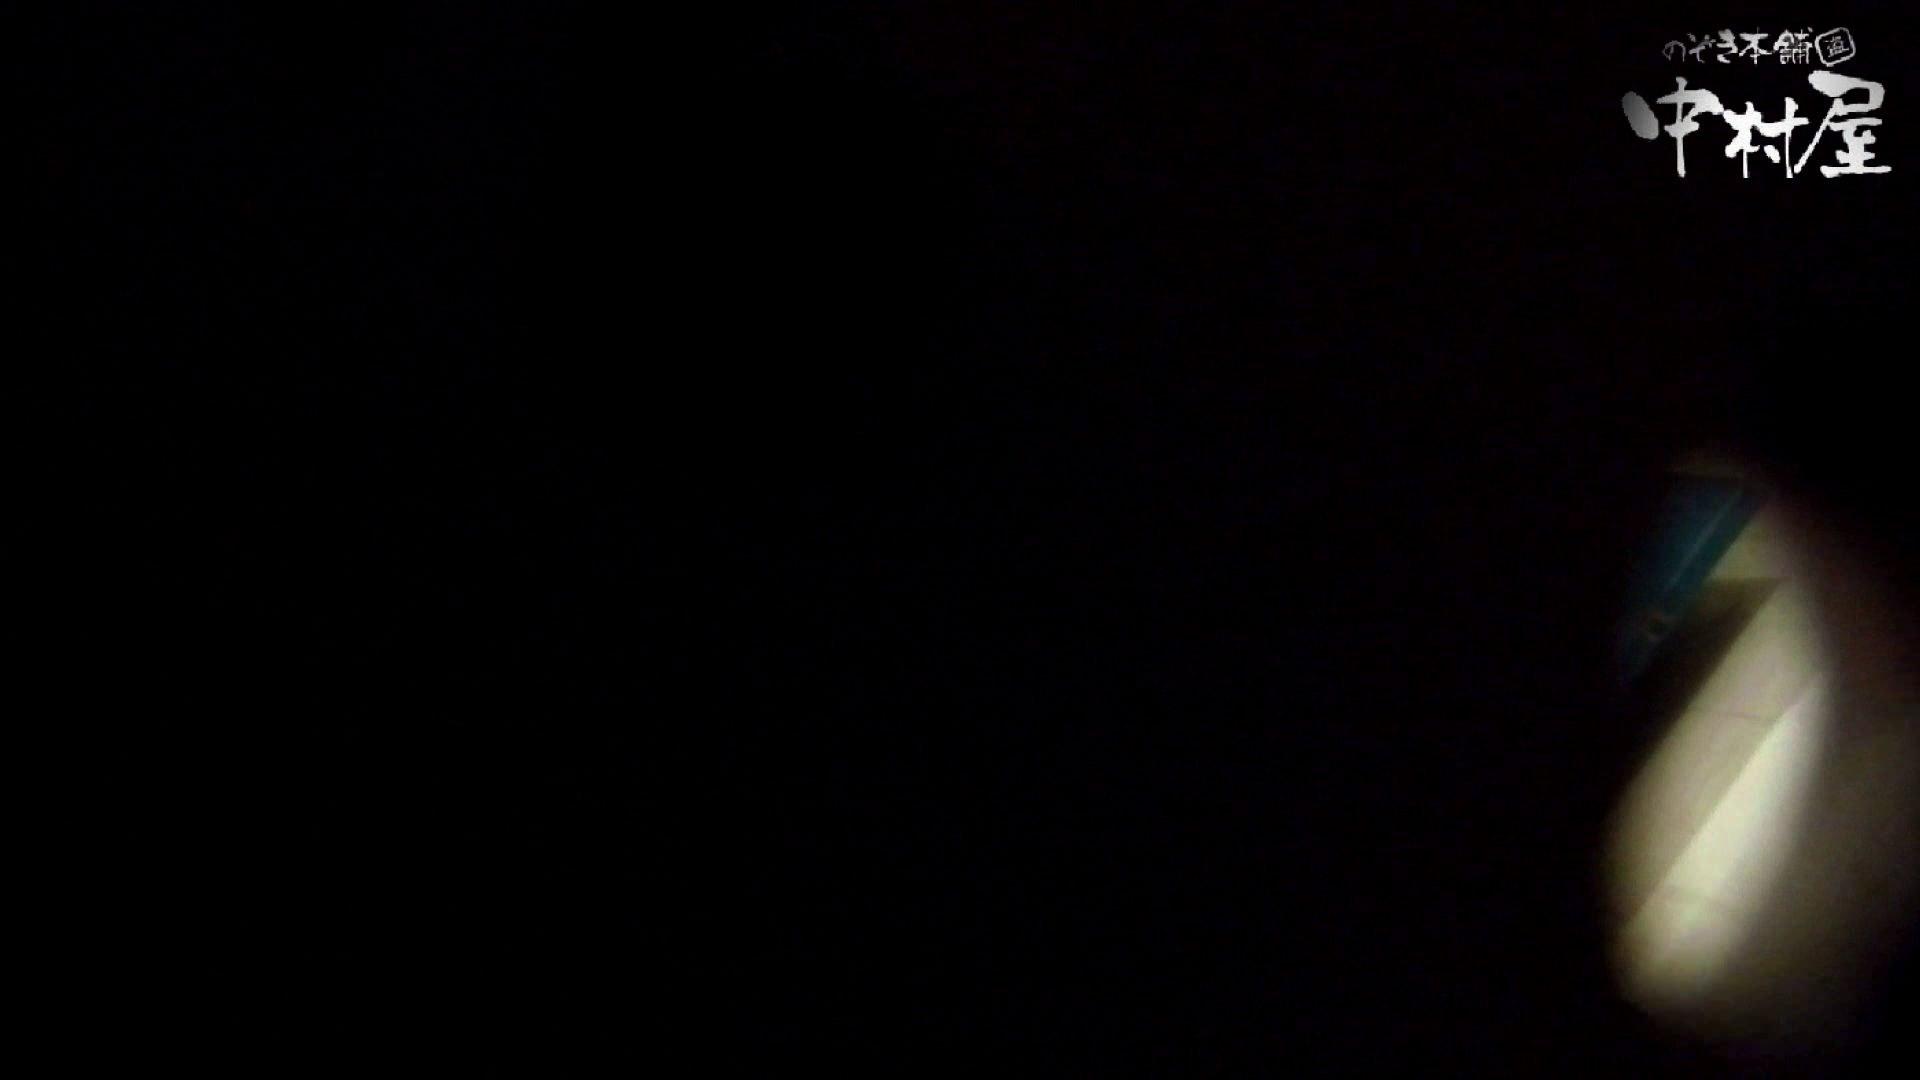 【世界の射窓から】世界の射窓から vol.7 洗面所編  95PIX 58